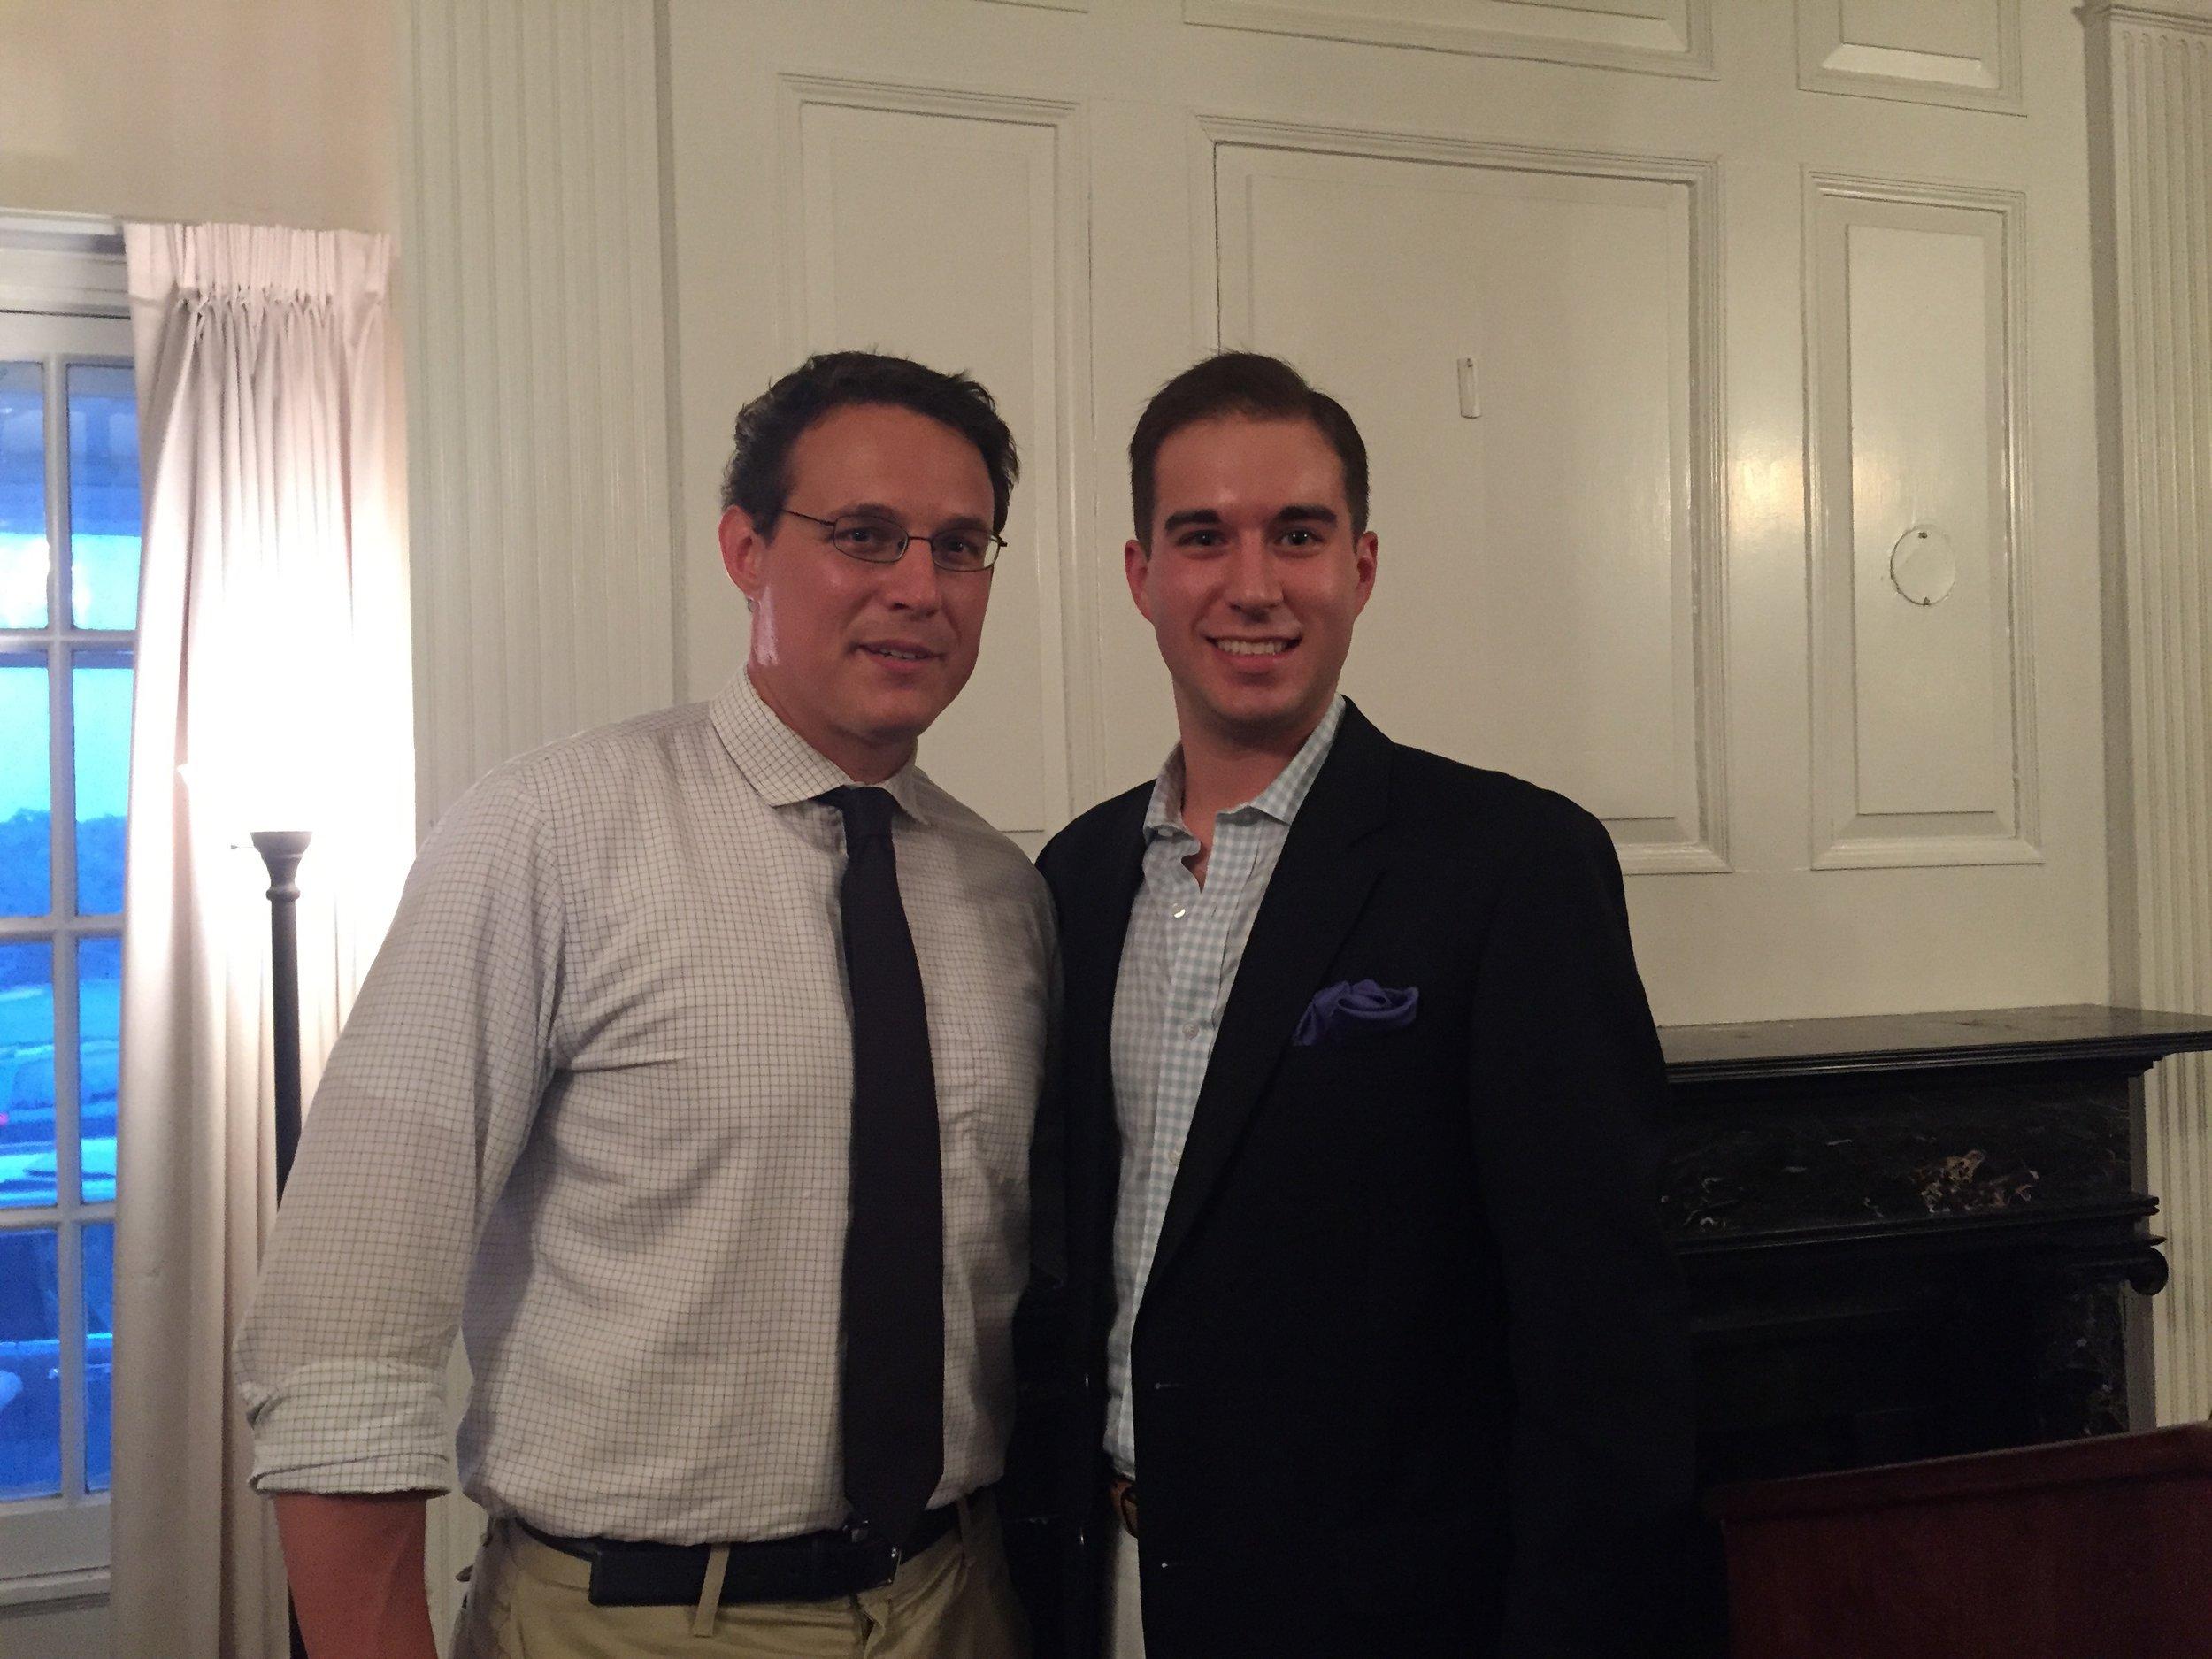 With MSNBC host Steve Kornacki, June 2015